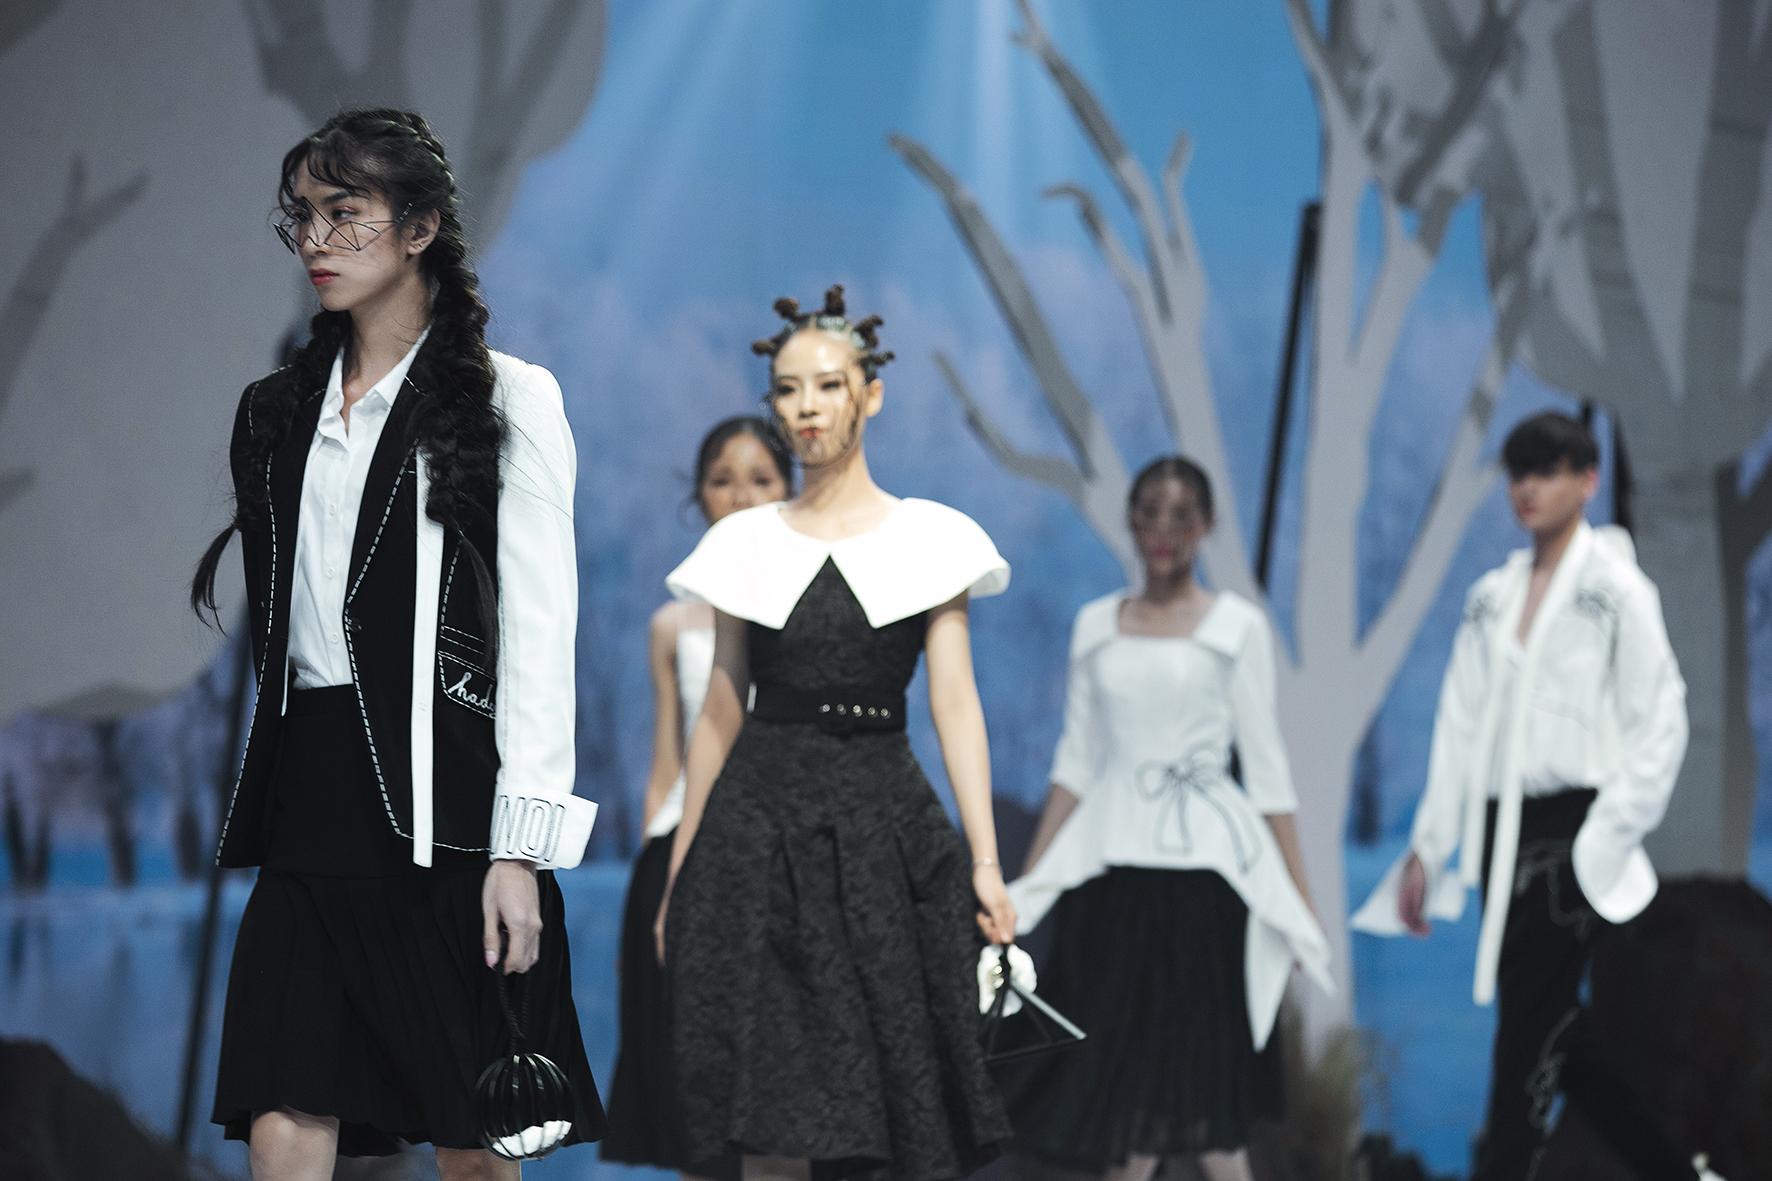 """Lê Âu Ngân Anh bất ngờ trở lại thảm đỏ, siêu mẫu Thanh Hằng hóa """"chị Hằng"""" trong truyền thuyết kết màn Tuần lễ thời trang - Ảnh 17."""